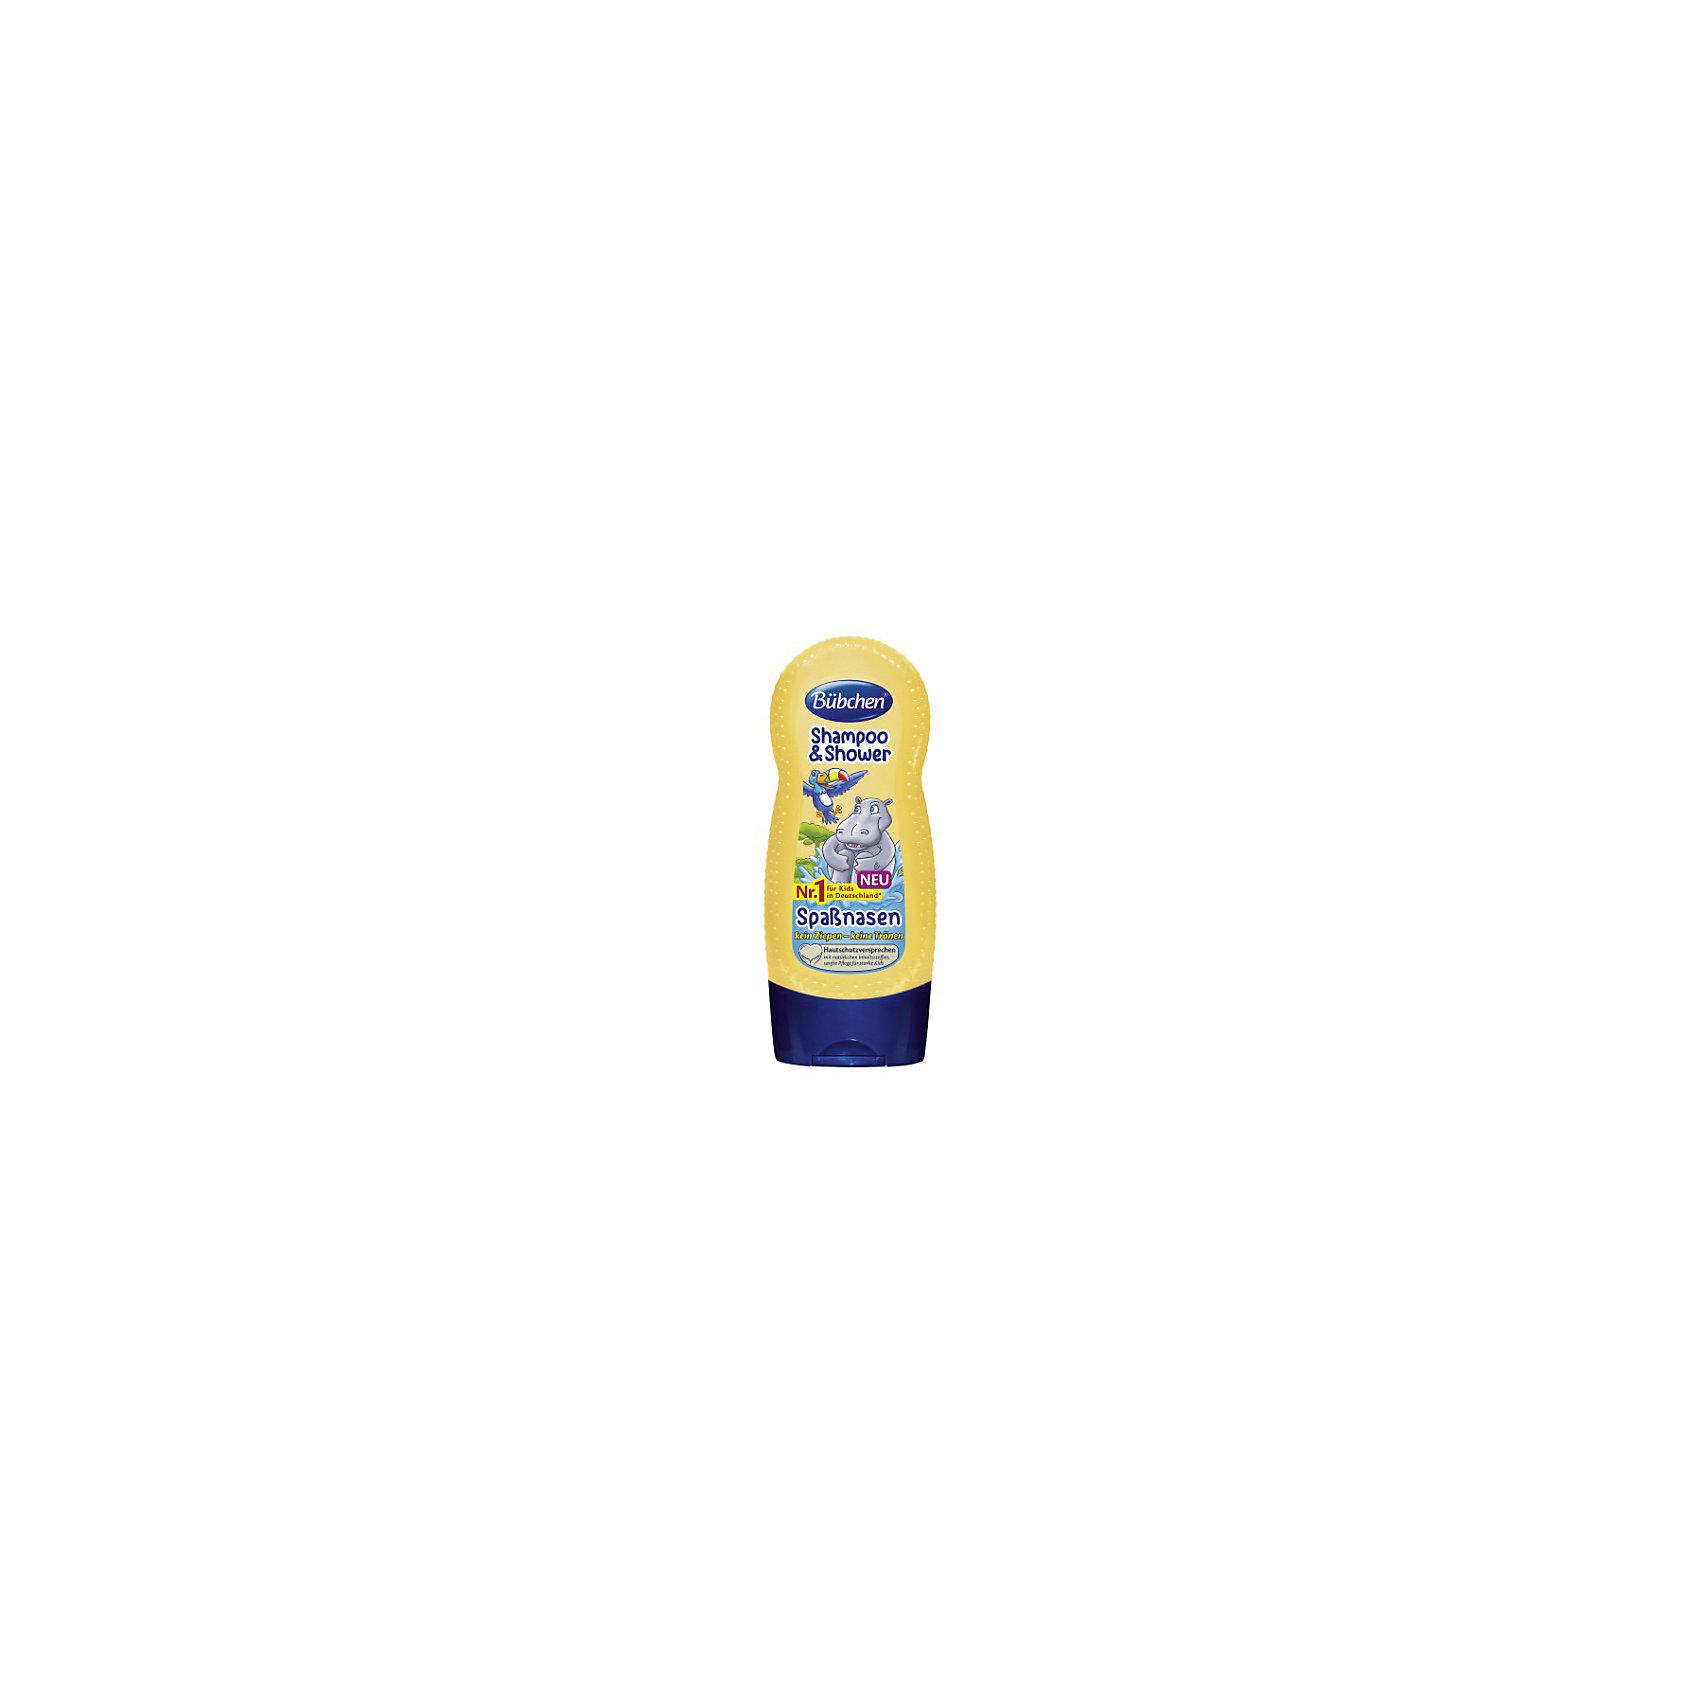 Шампунь для мытья волос и тела Лимпопо, BUBCHEN, 230 мл. (Bubchen)